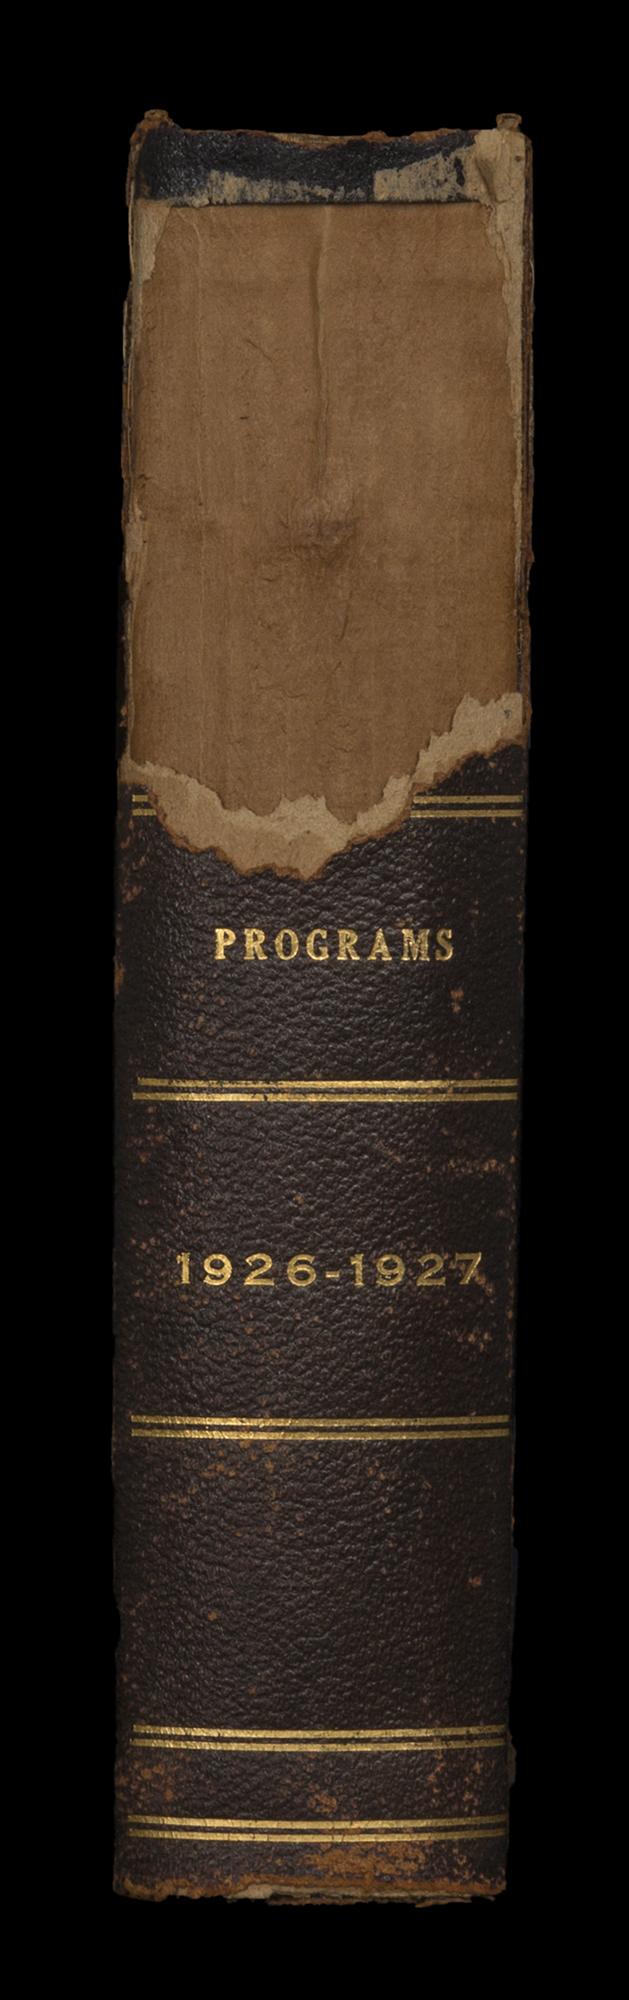 LAPO_ProgramBook_Spine_1926-1927.jpg